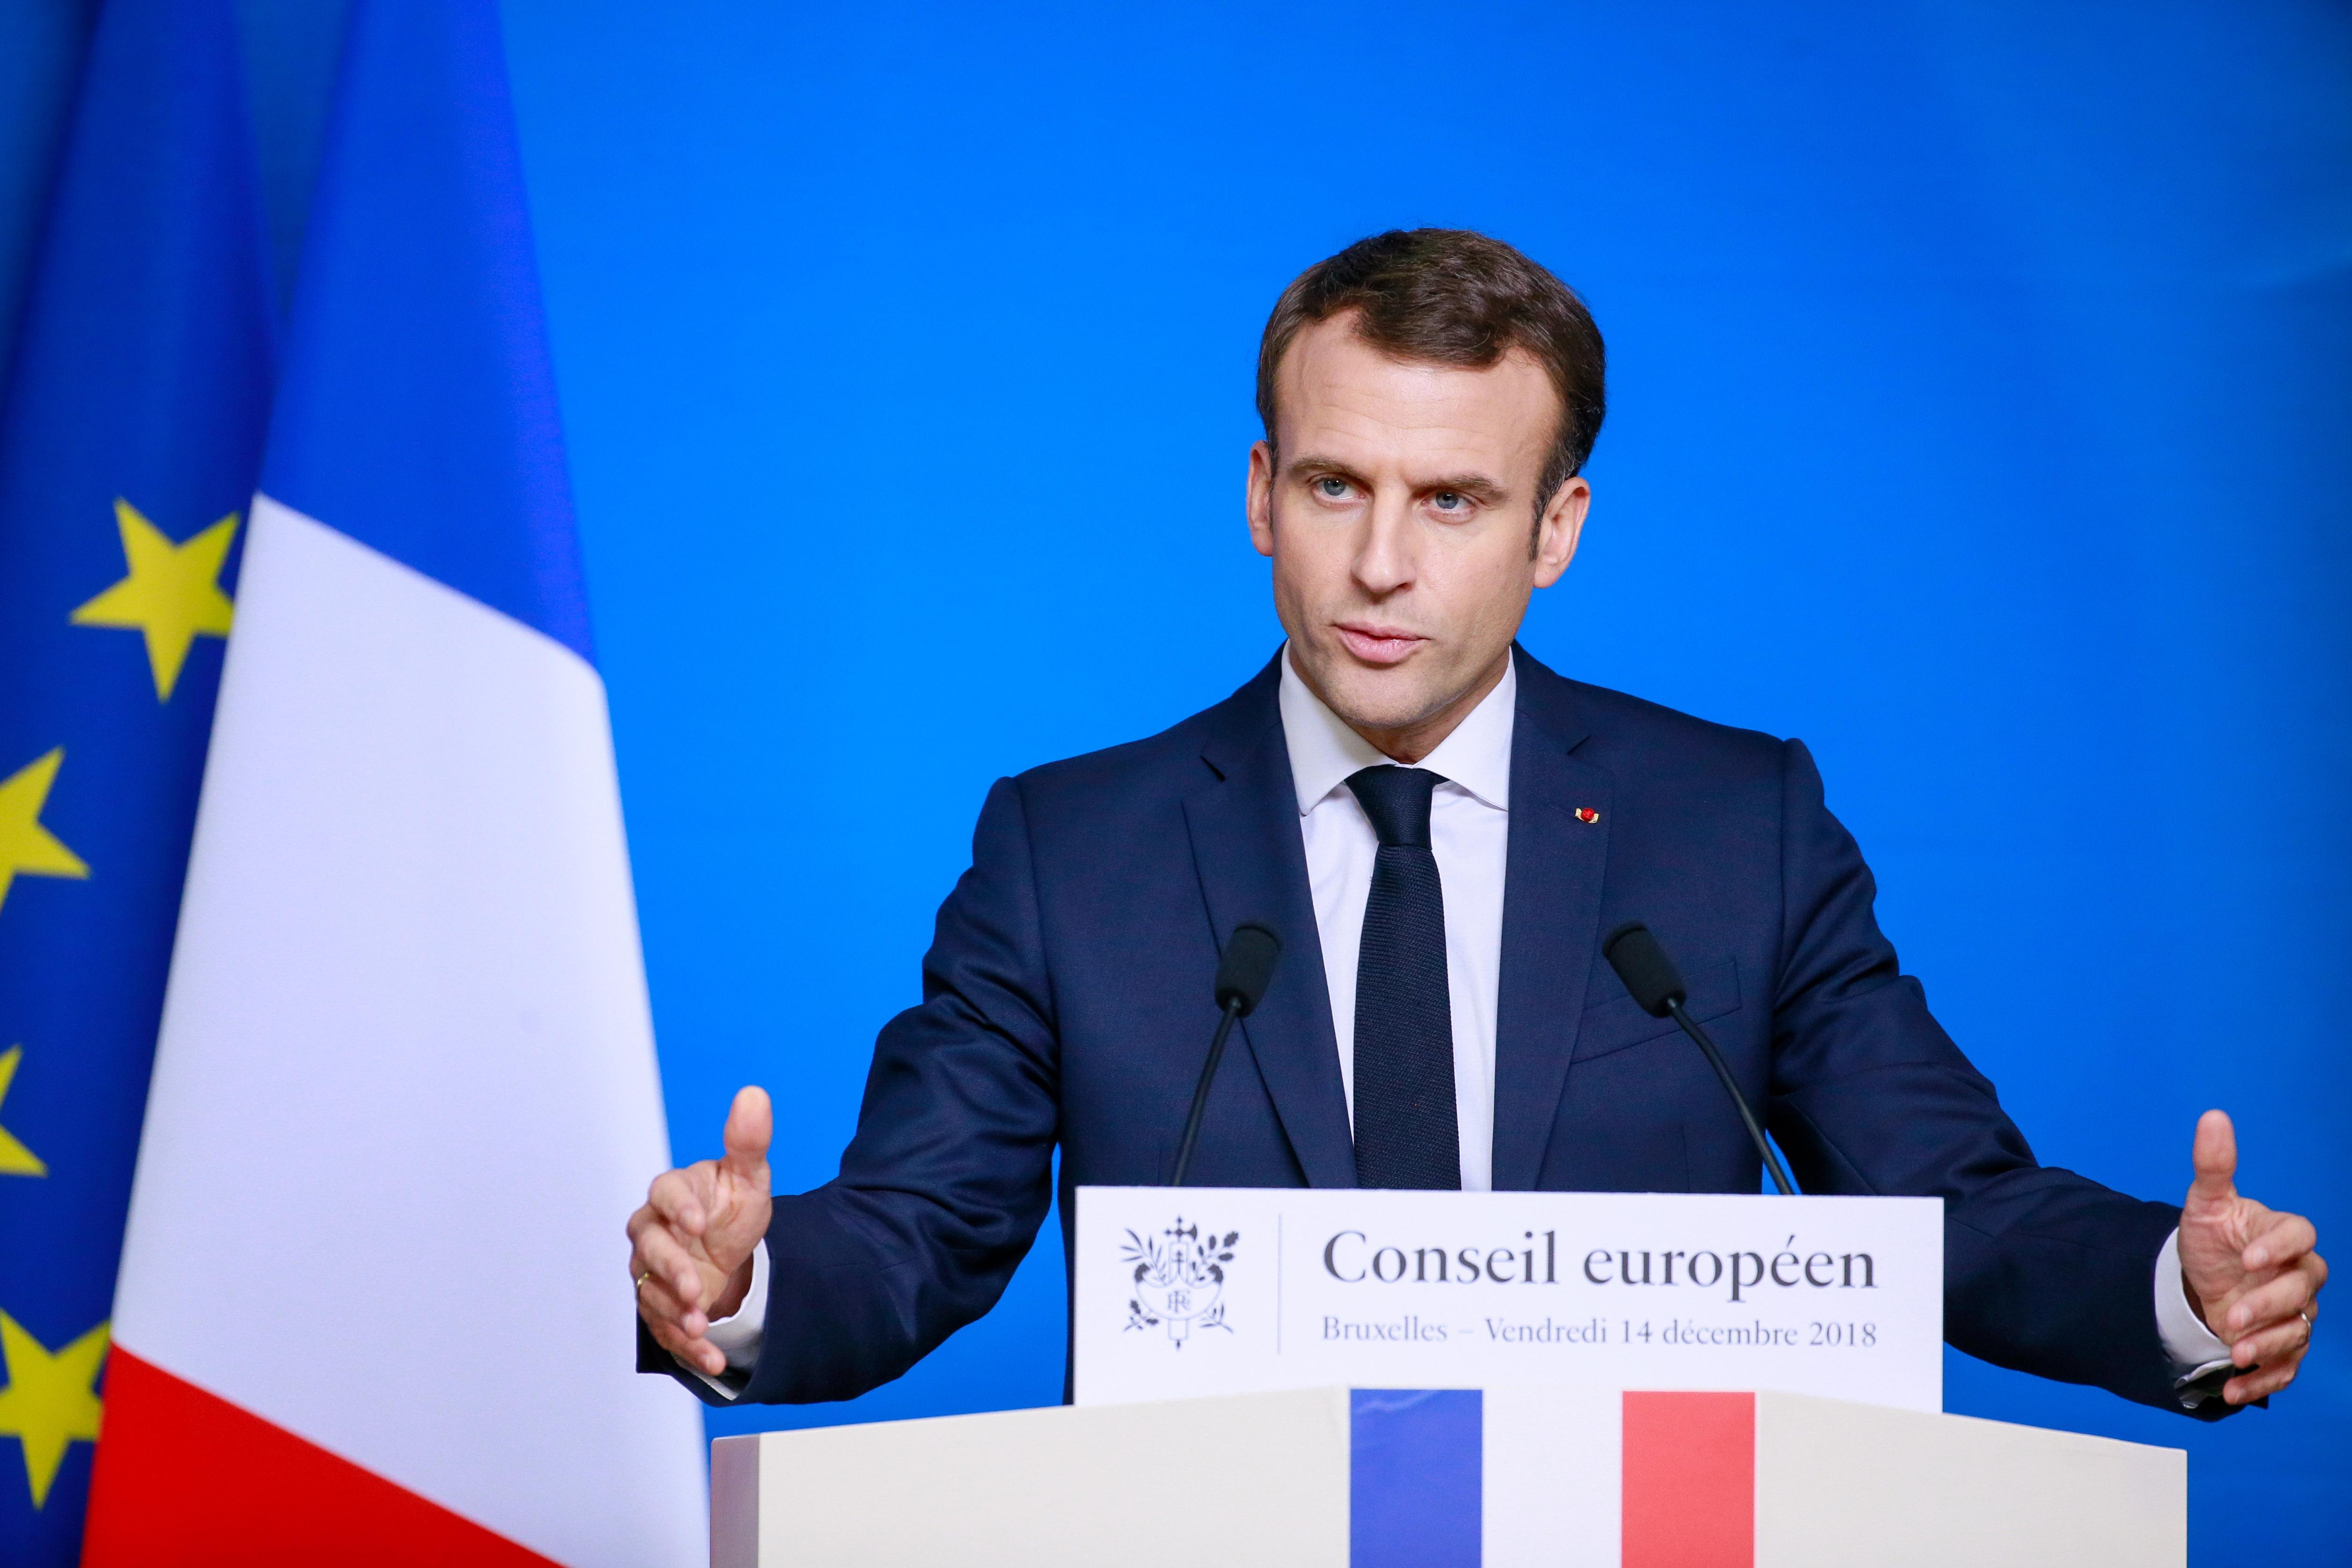 Macron izrazio žaljenje zbog Trumpove odluke o povlačenju iz Sirije